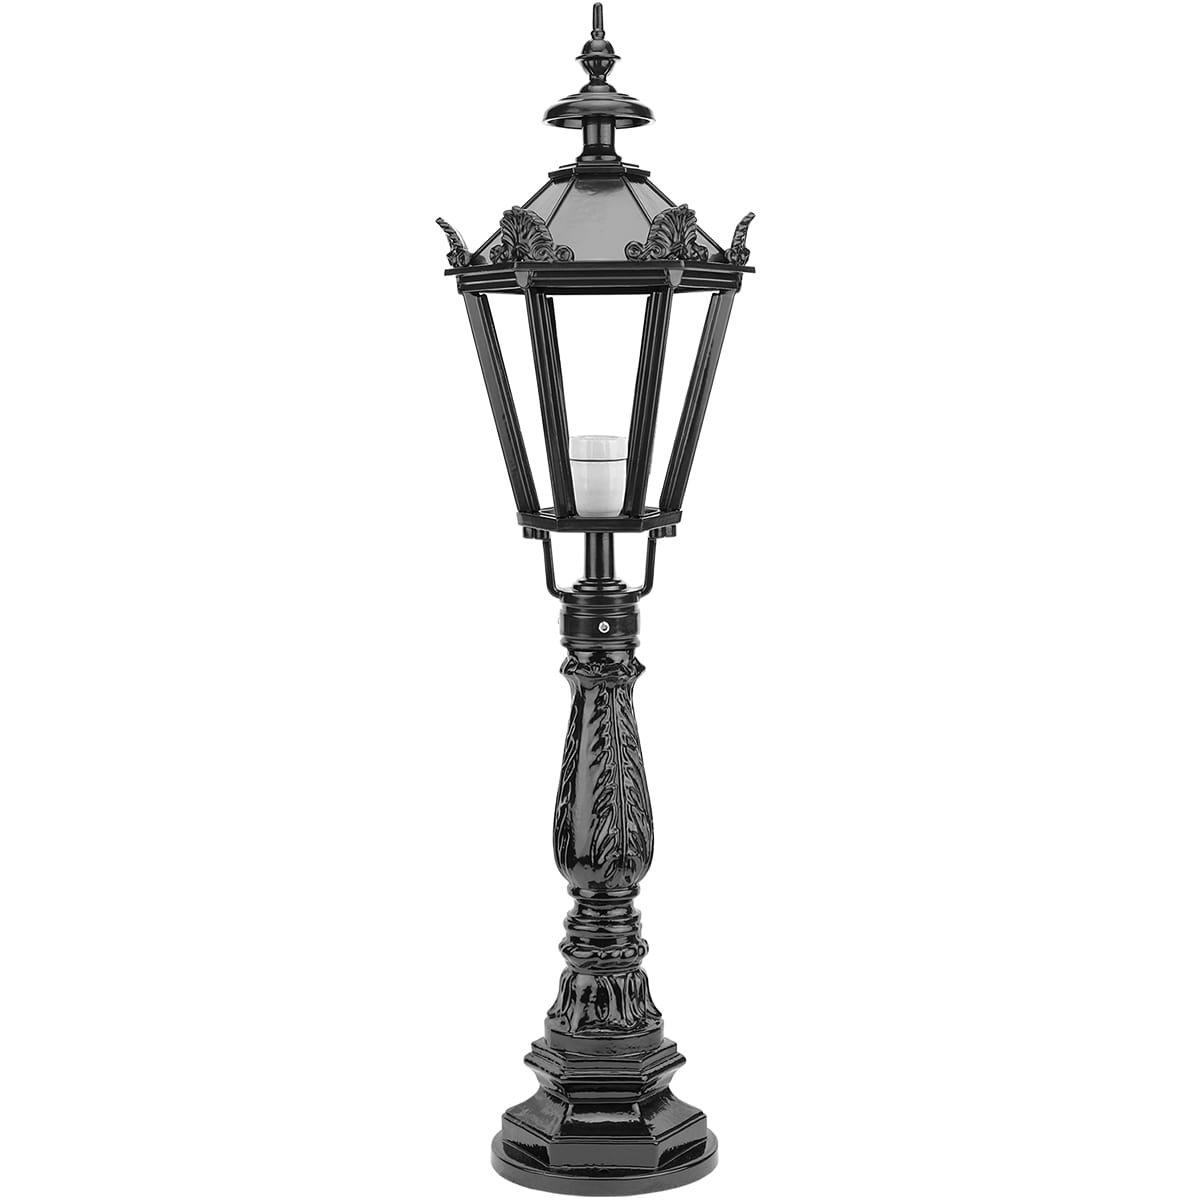 Buitenverlichting Klassiek Landelijk Buitenlamp paal Dornum met kronen - 95 cm